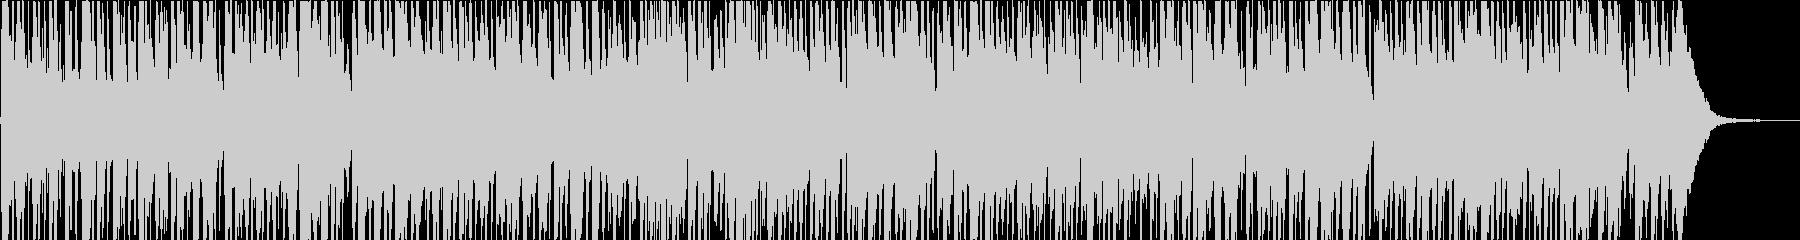 ジプシージャズの未再生の波形